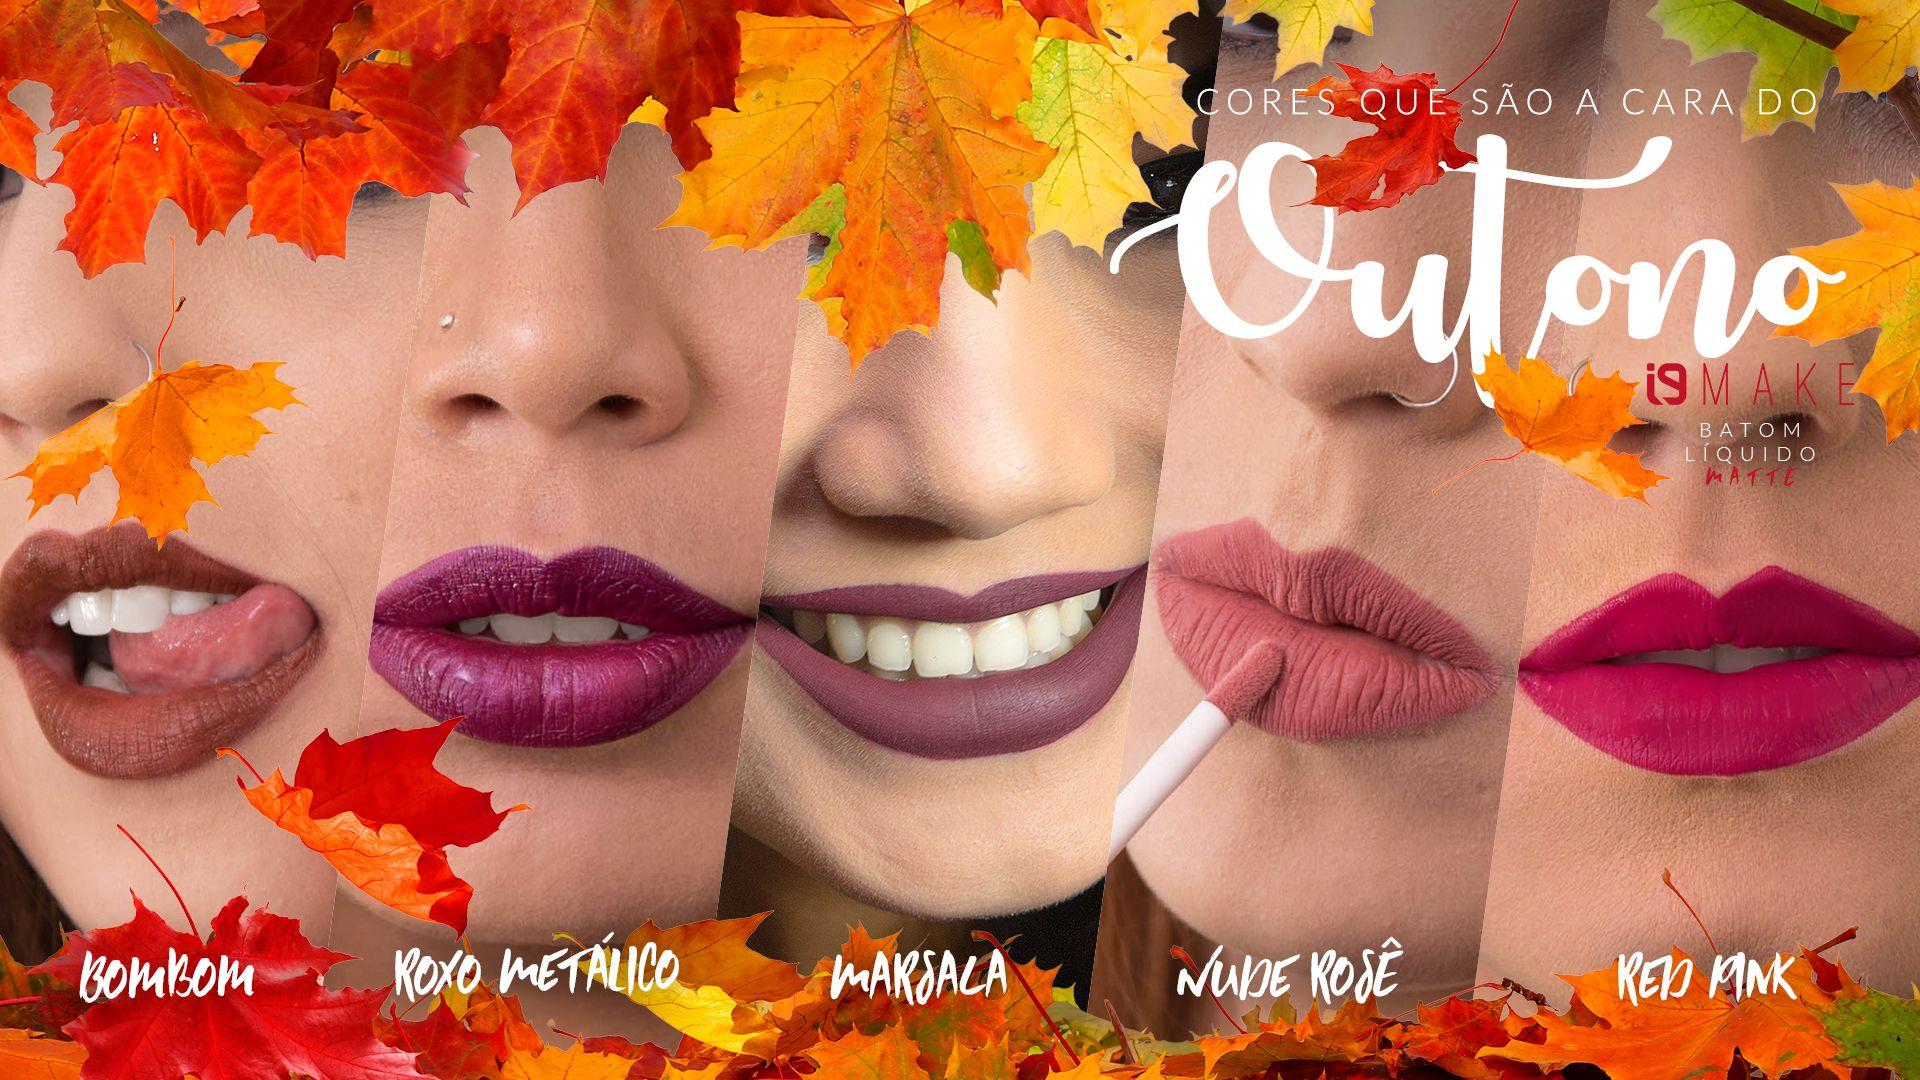 i9 Make  cores que são a cara do outono! – i9Life   Vendas Diretas e  Marketing Multinível caa3ce6694